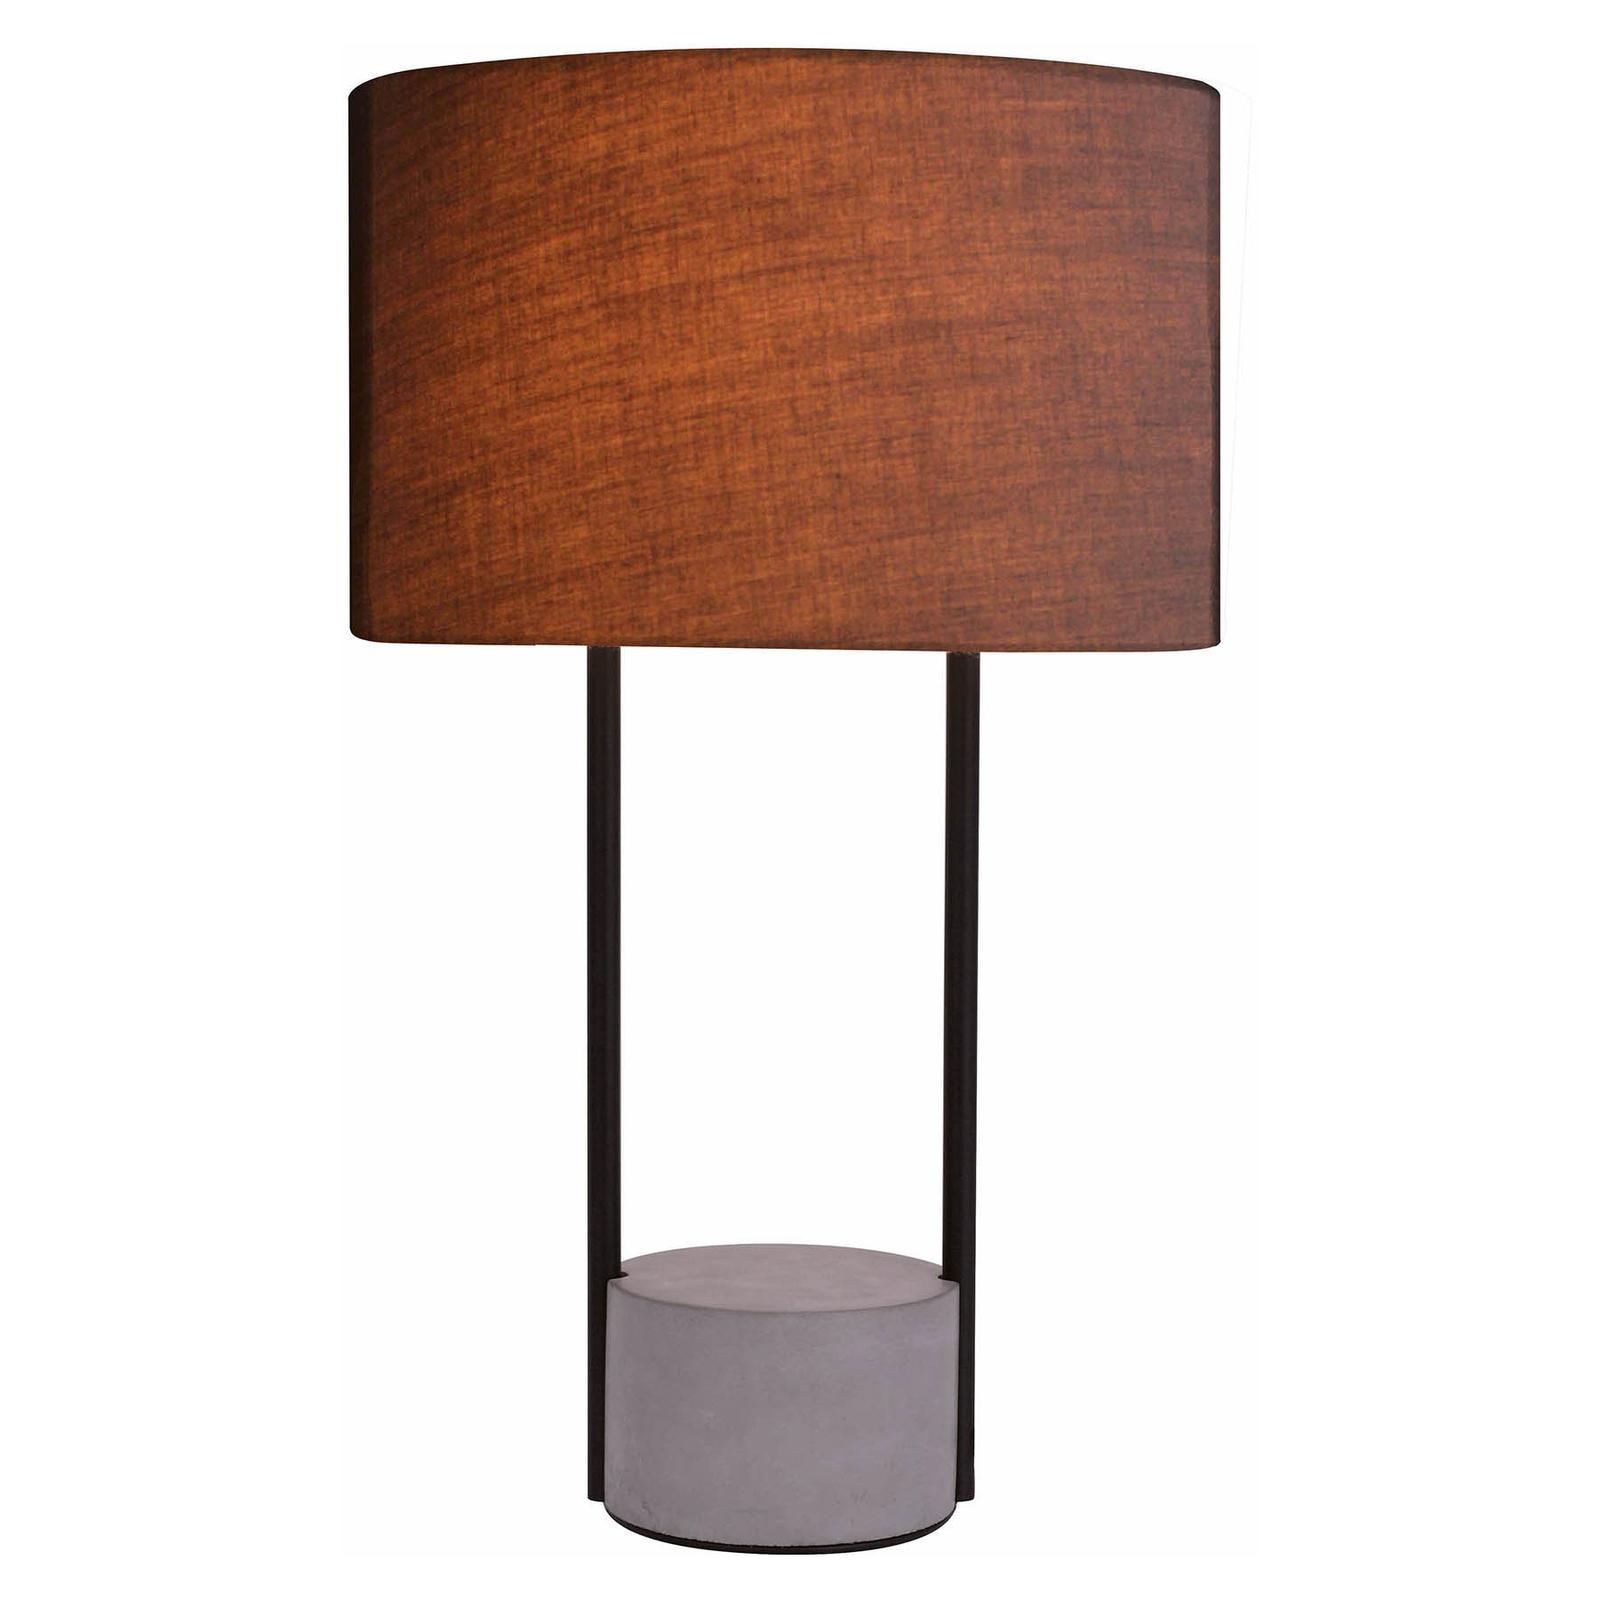 Tafellamp Allegro met stoffen kap, grijs